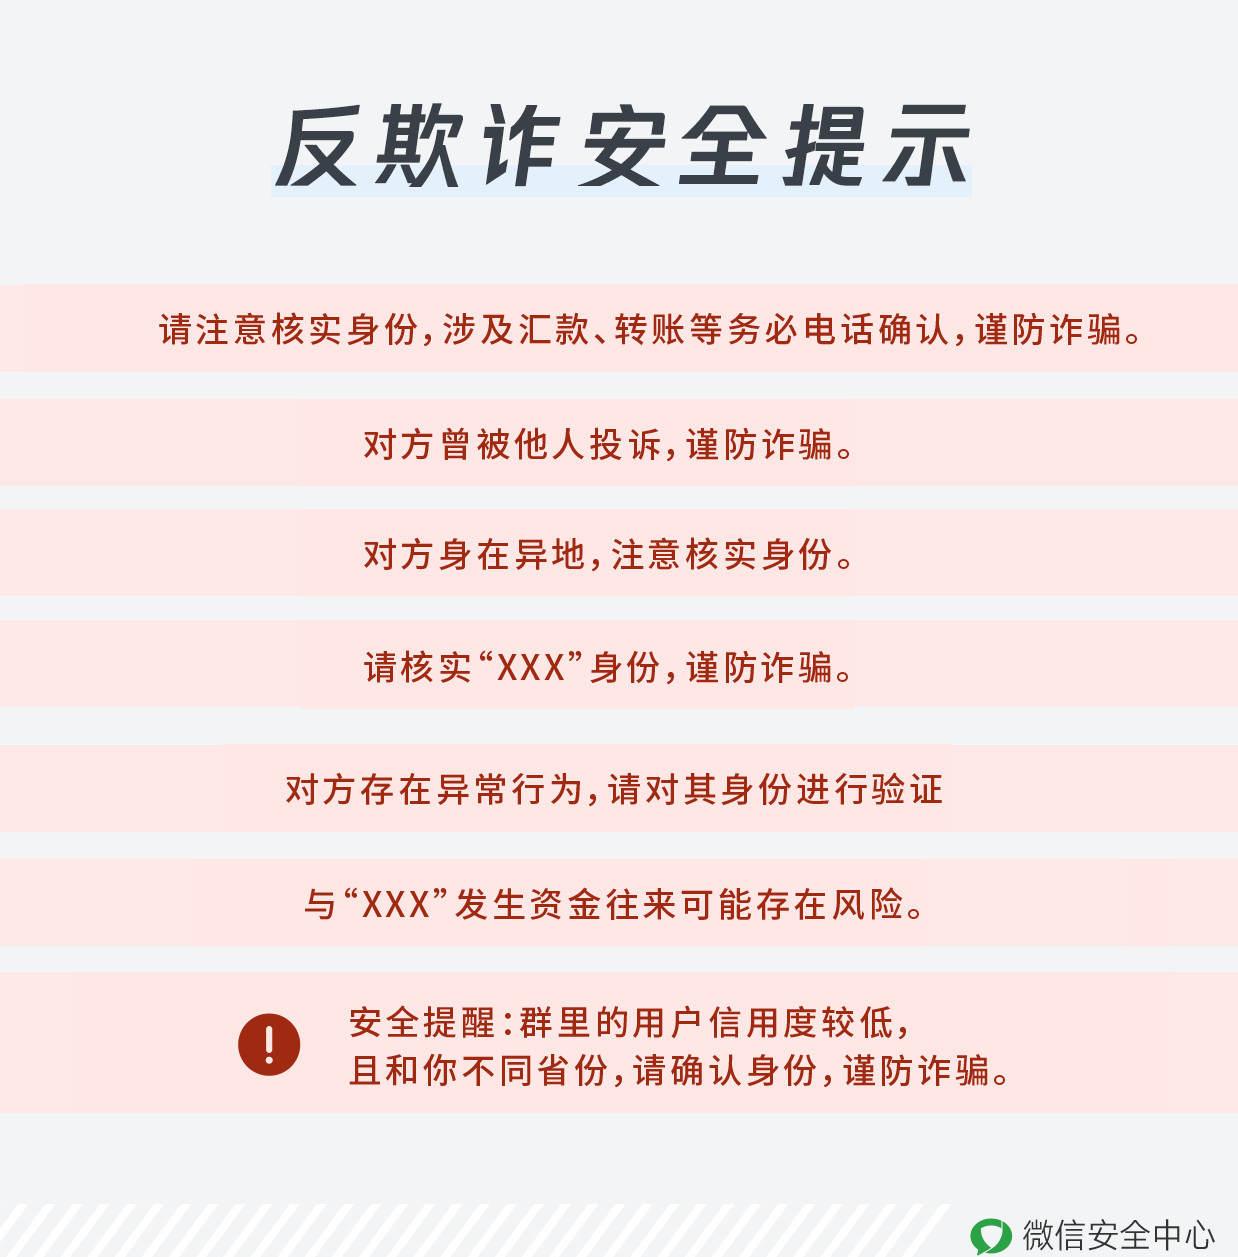 微信发布最新治理公告:朋友圈发违禁品信息也将被罚